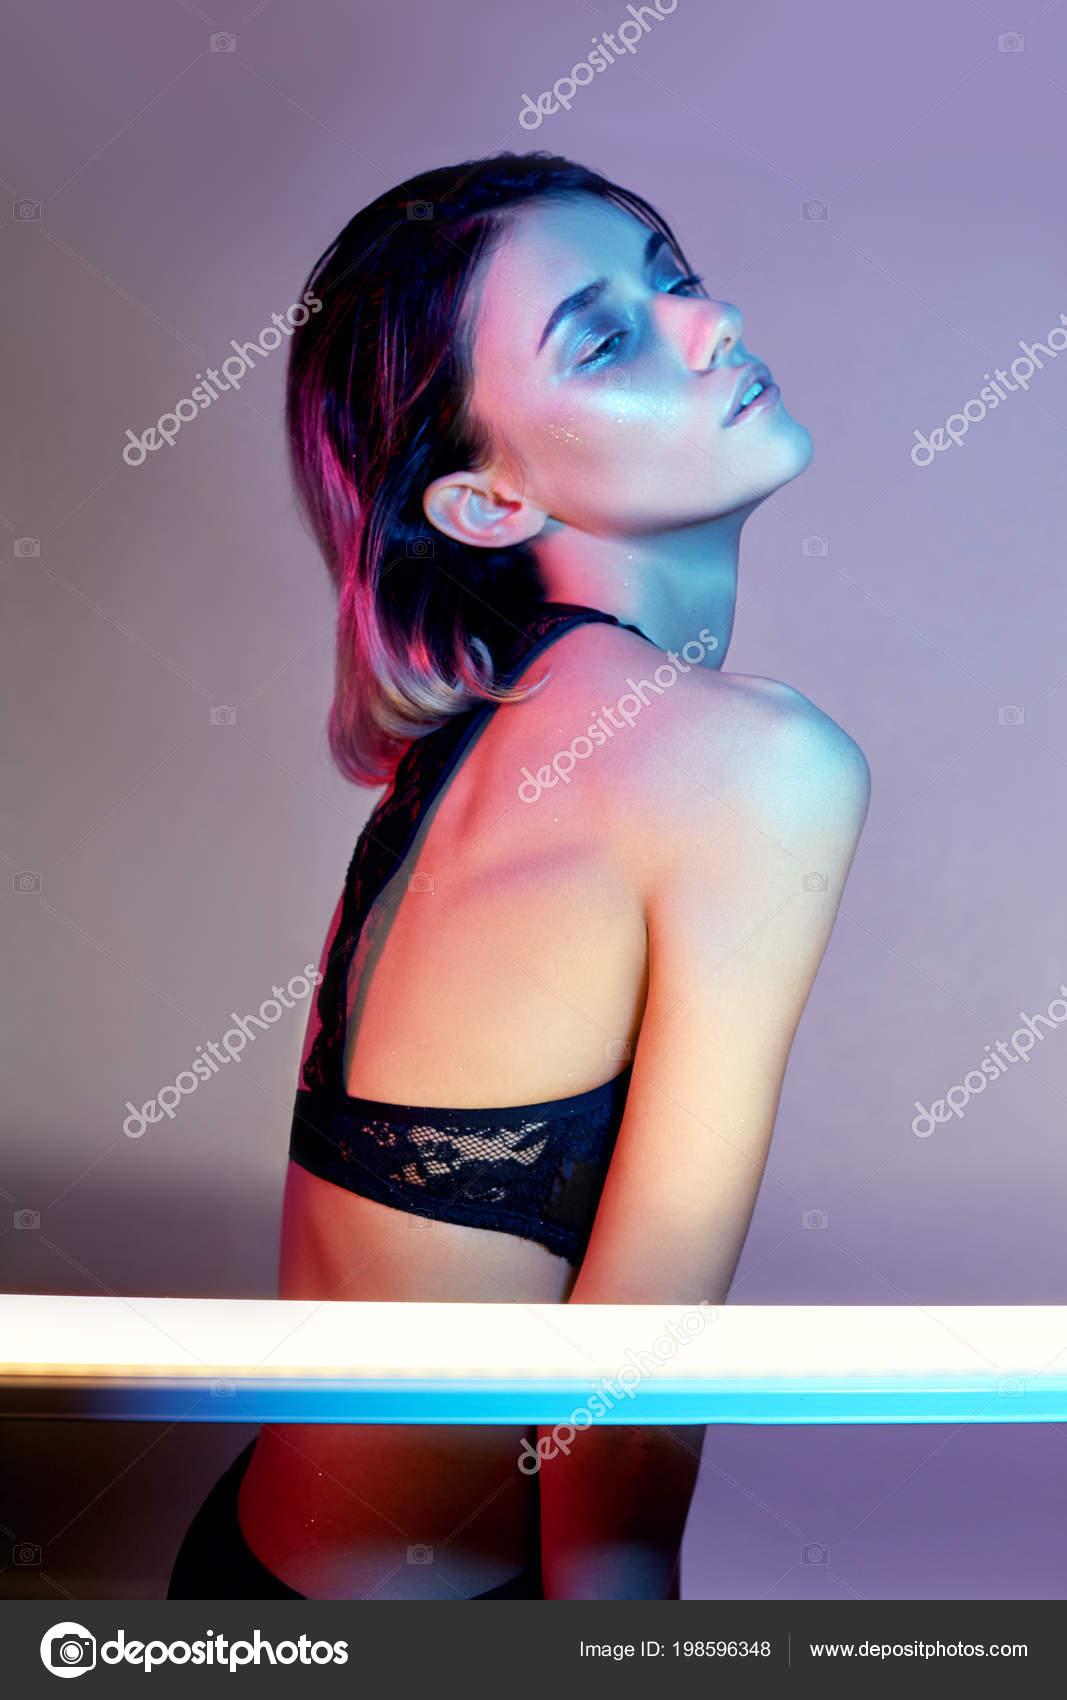 Neon sexy lingerie